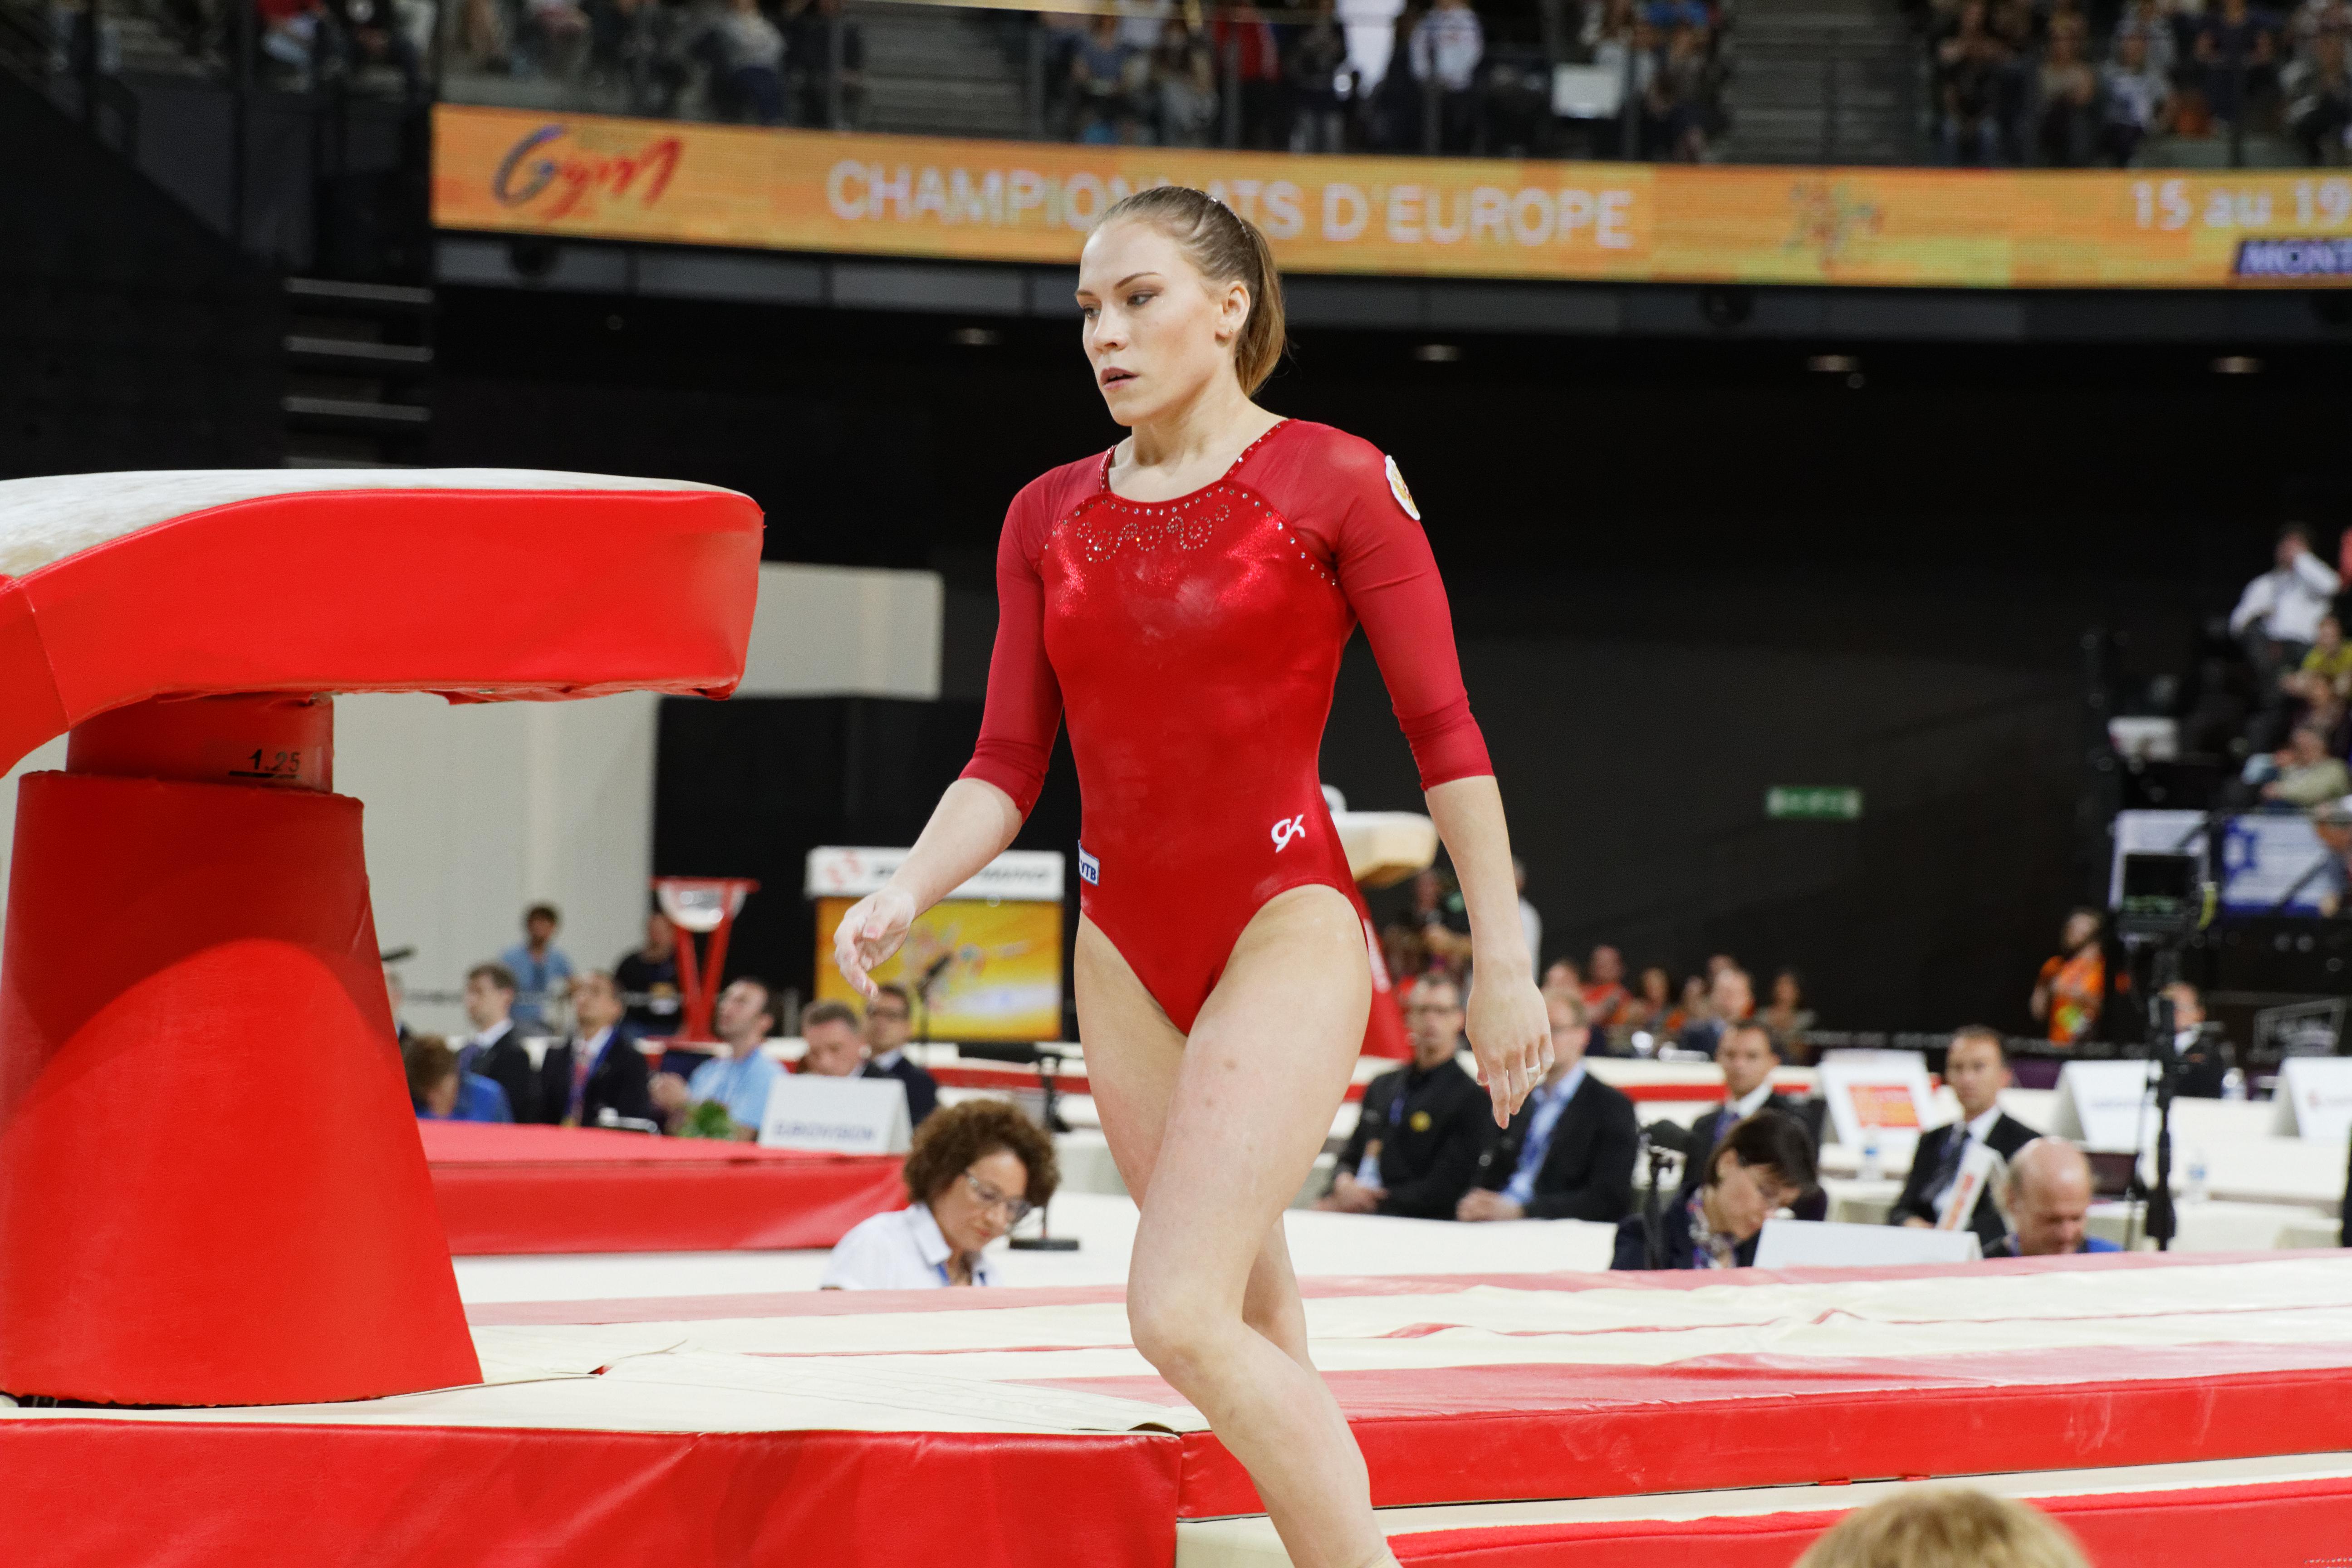 типы художественная гимнастика ксения клименко фото выложила социальные сети